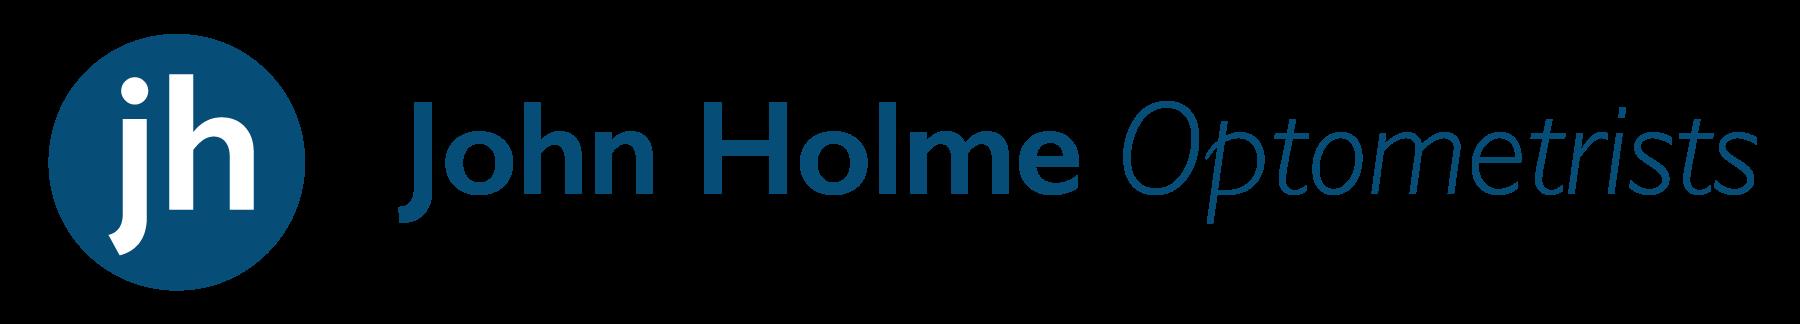 John Holme Optometrist Mareeba